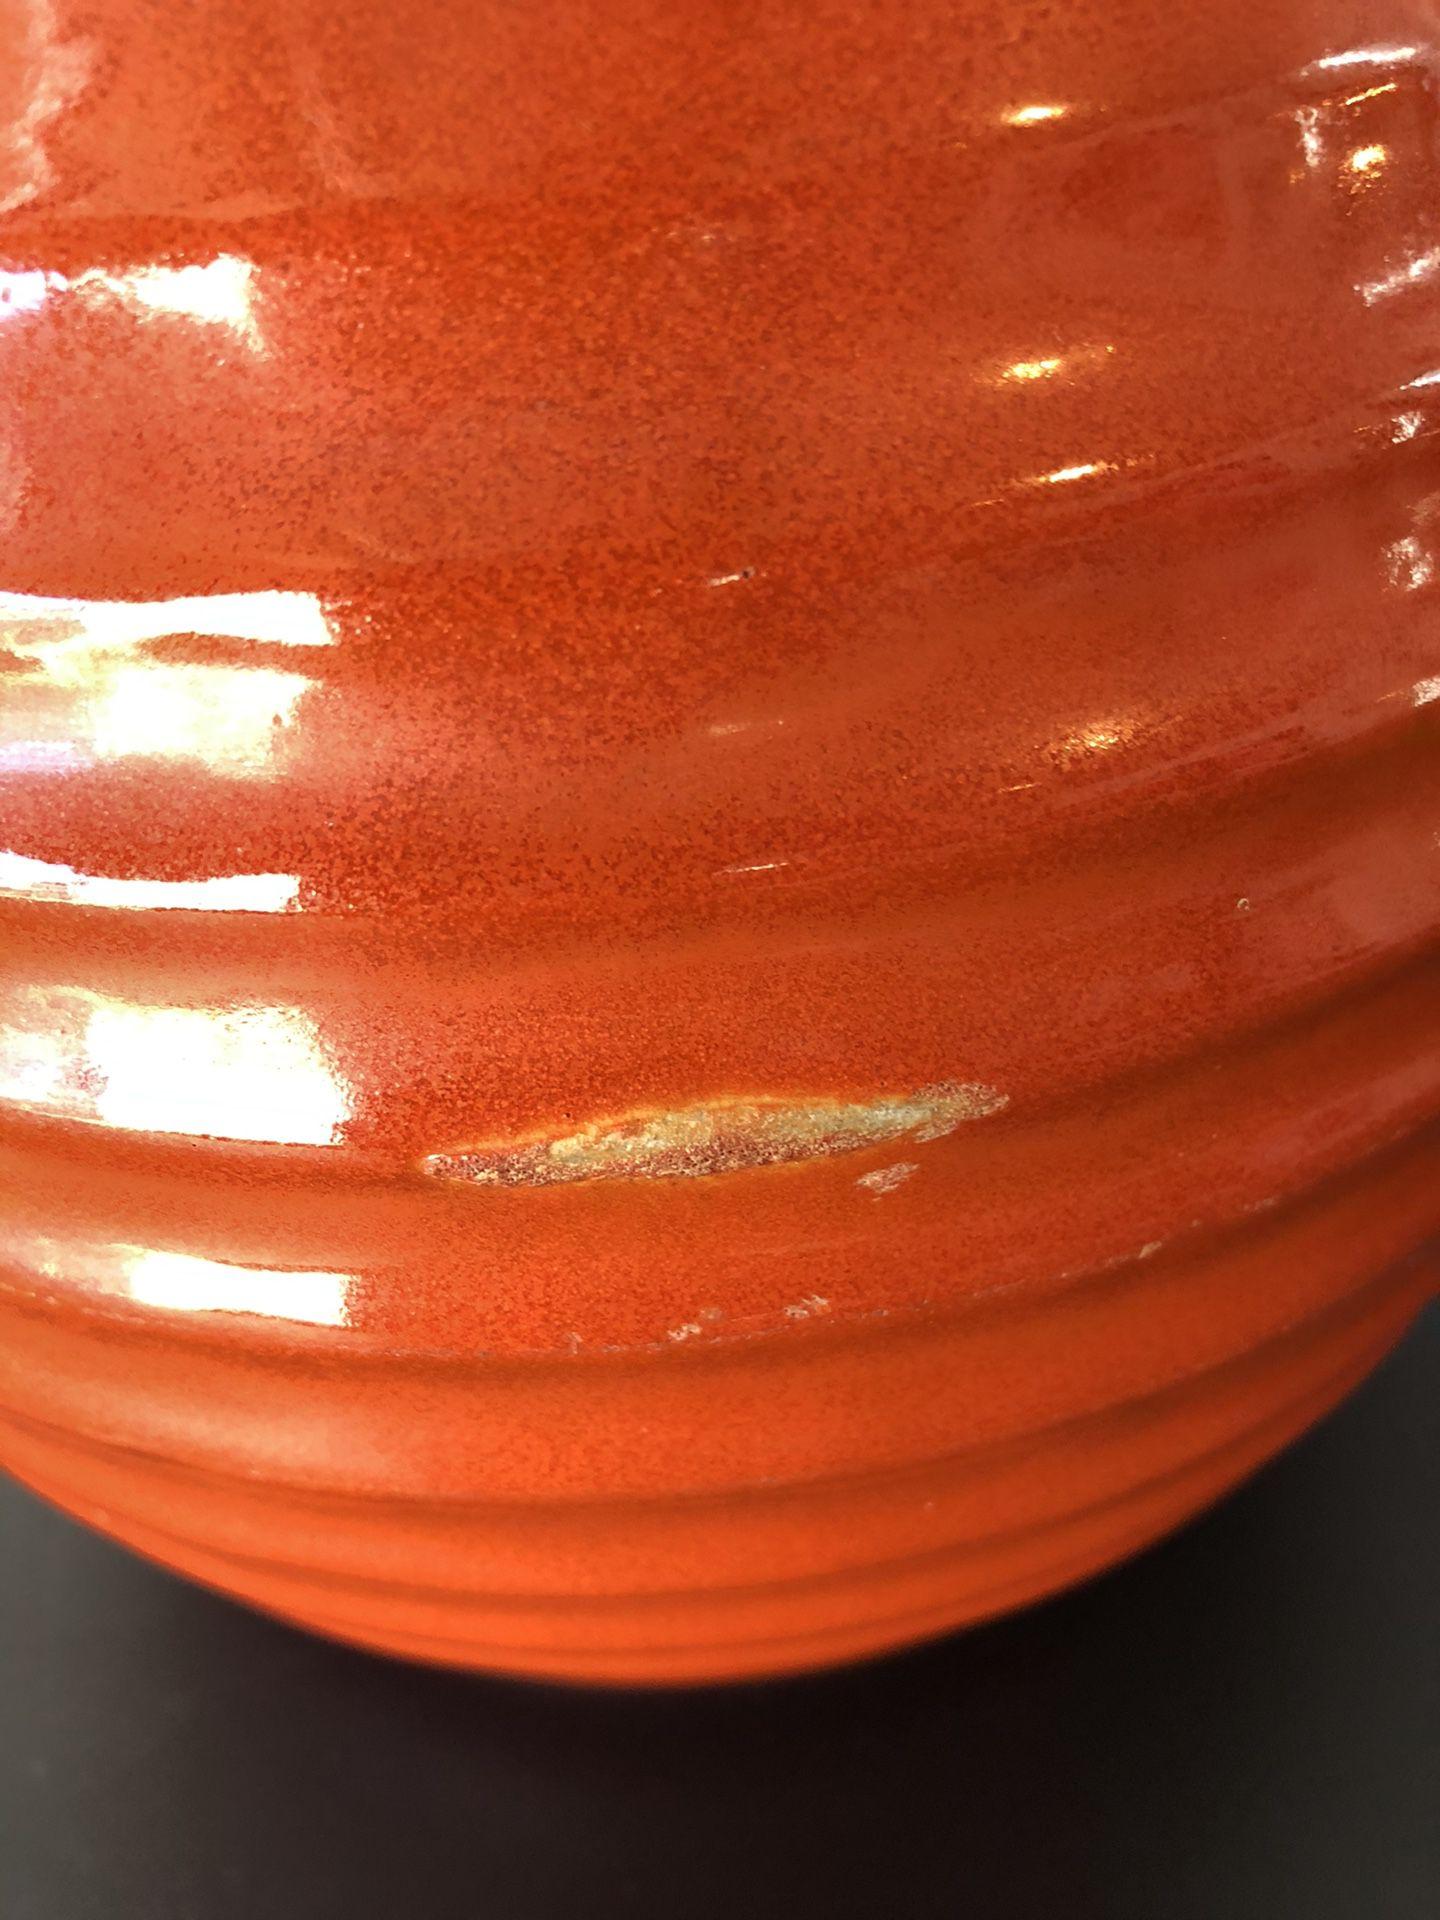 Antique LARGE Bauer 2 Qt Orange Ringed Pitcher Jug Pottery Vintage